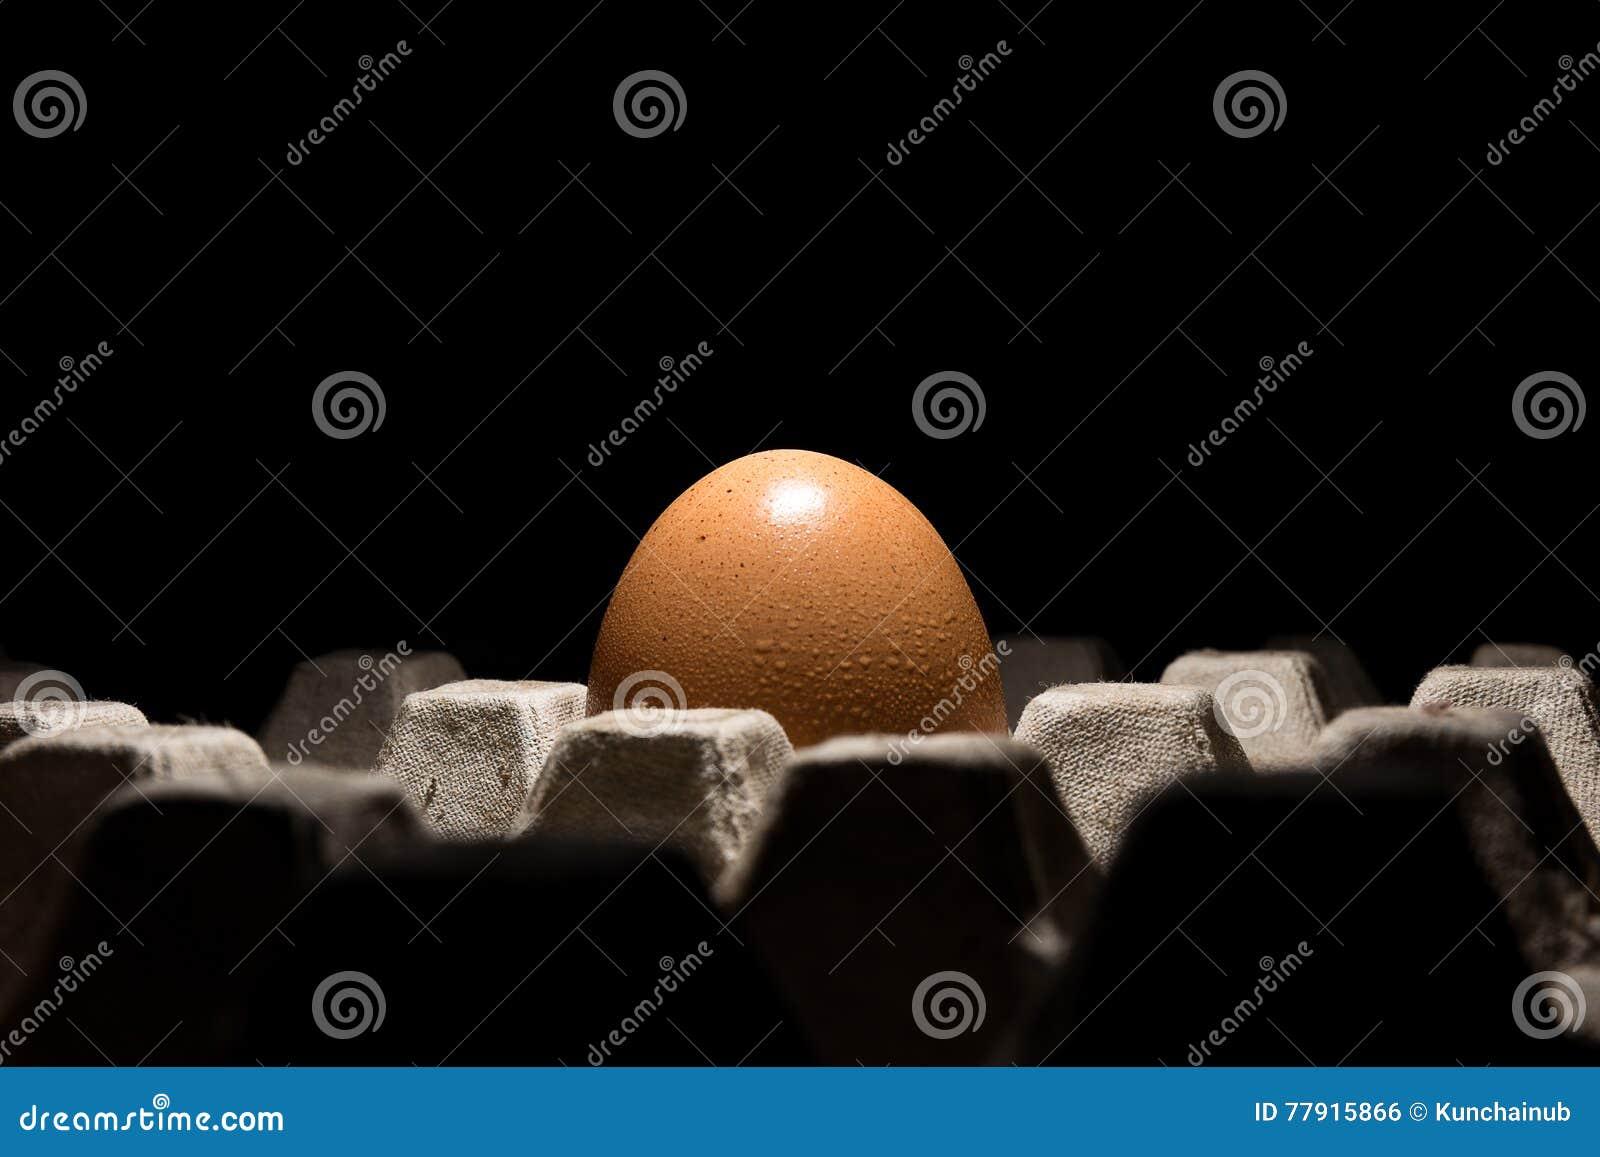 Ενιαίο φρέσκο αυγό κοτόπουλου στο δίσκο με το μαύρο υπόβαθρο